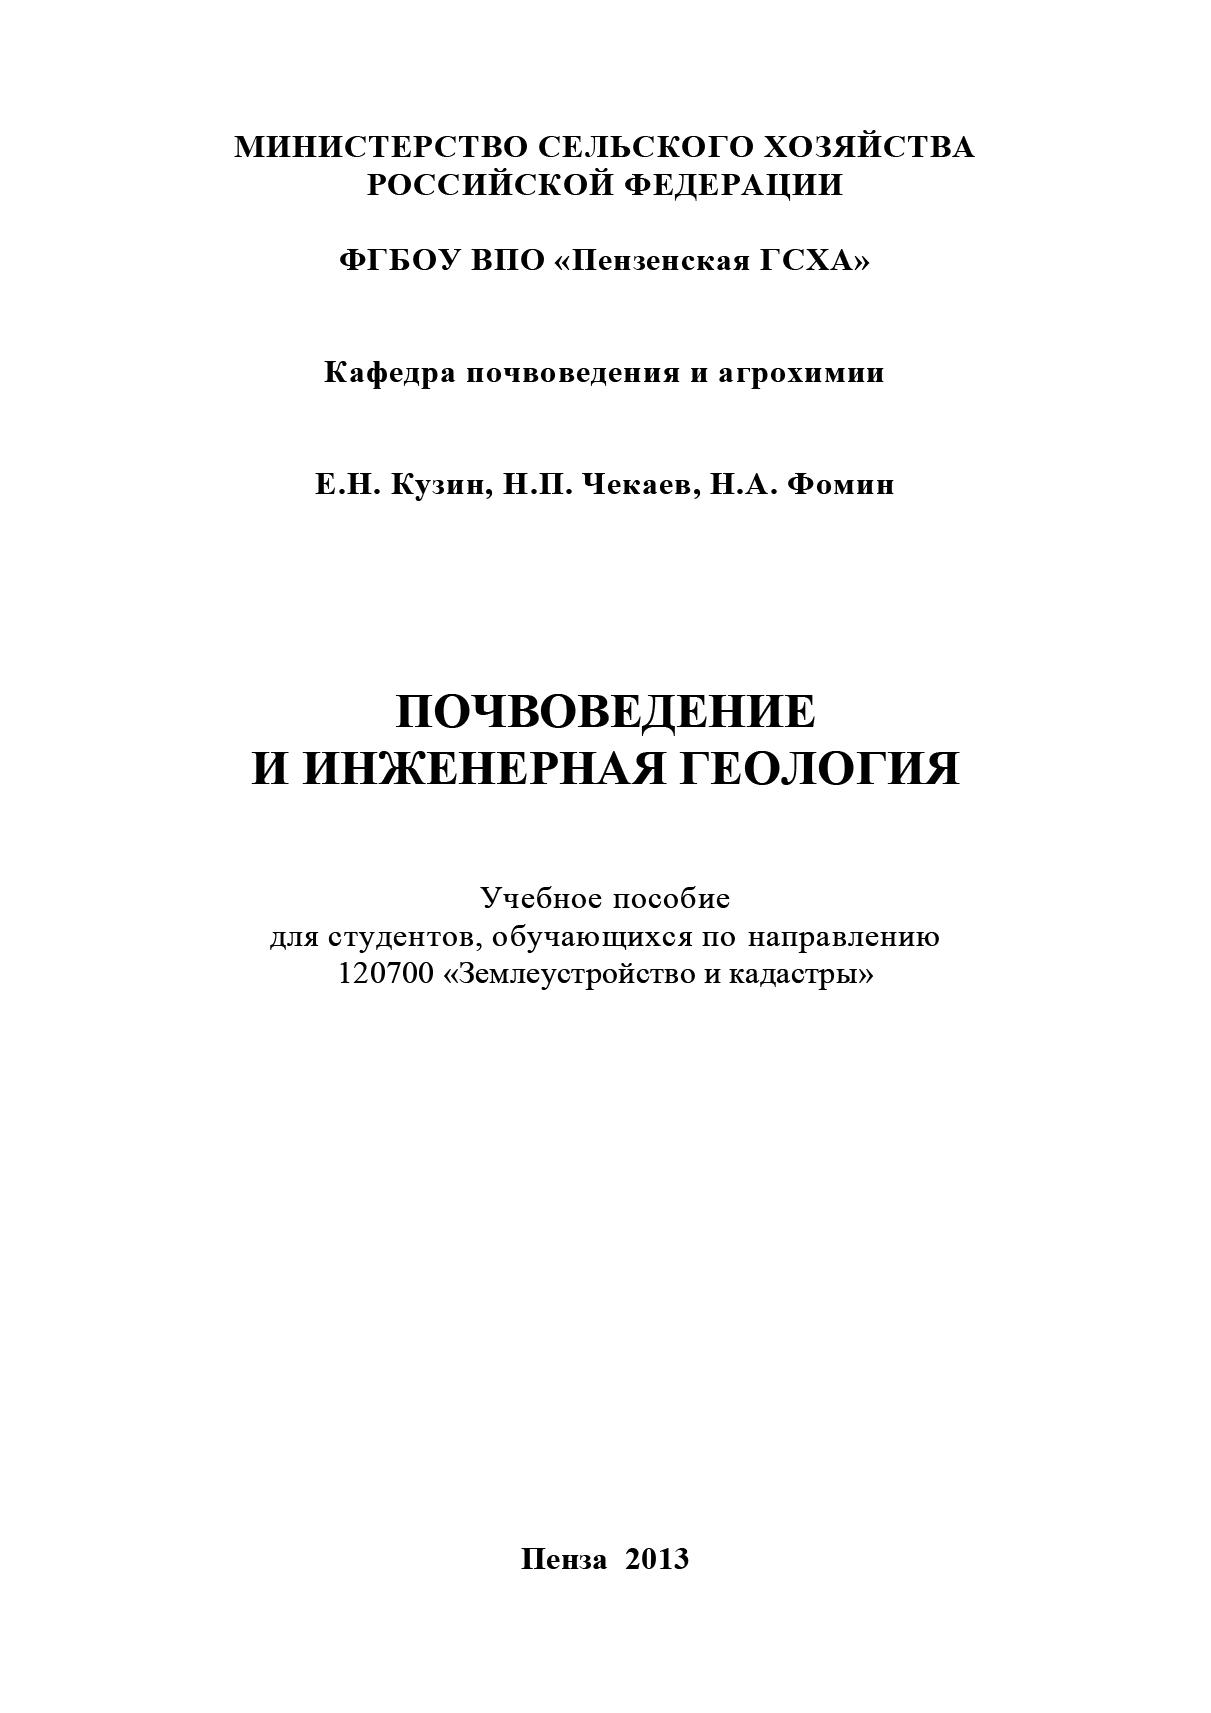 Е. Н. Кузин Почвоведение и инженерная геология захаров м корвет н николаева т учаев в почвоведение и инженерная геология cd